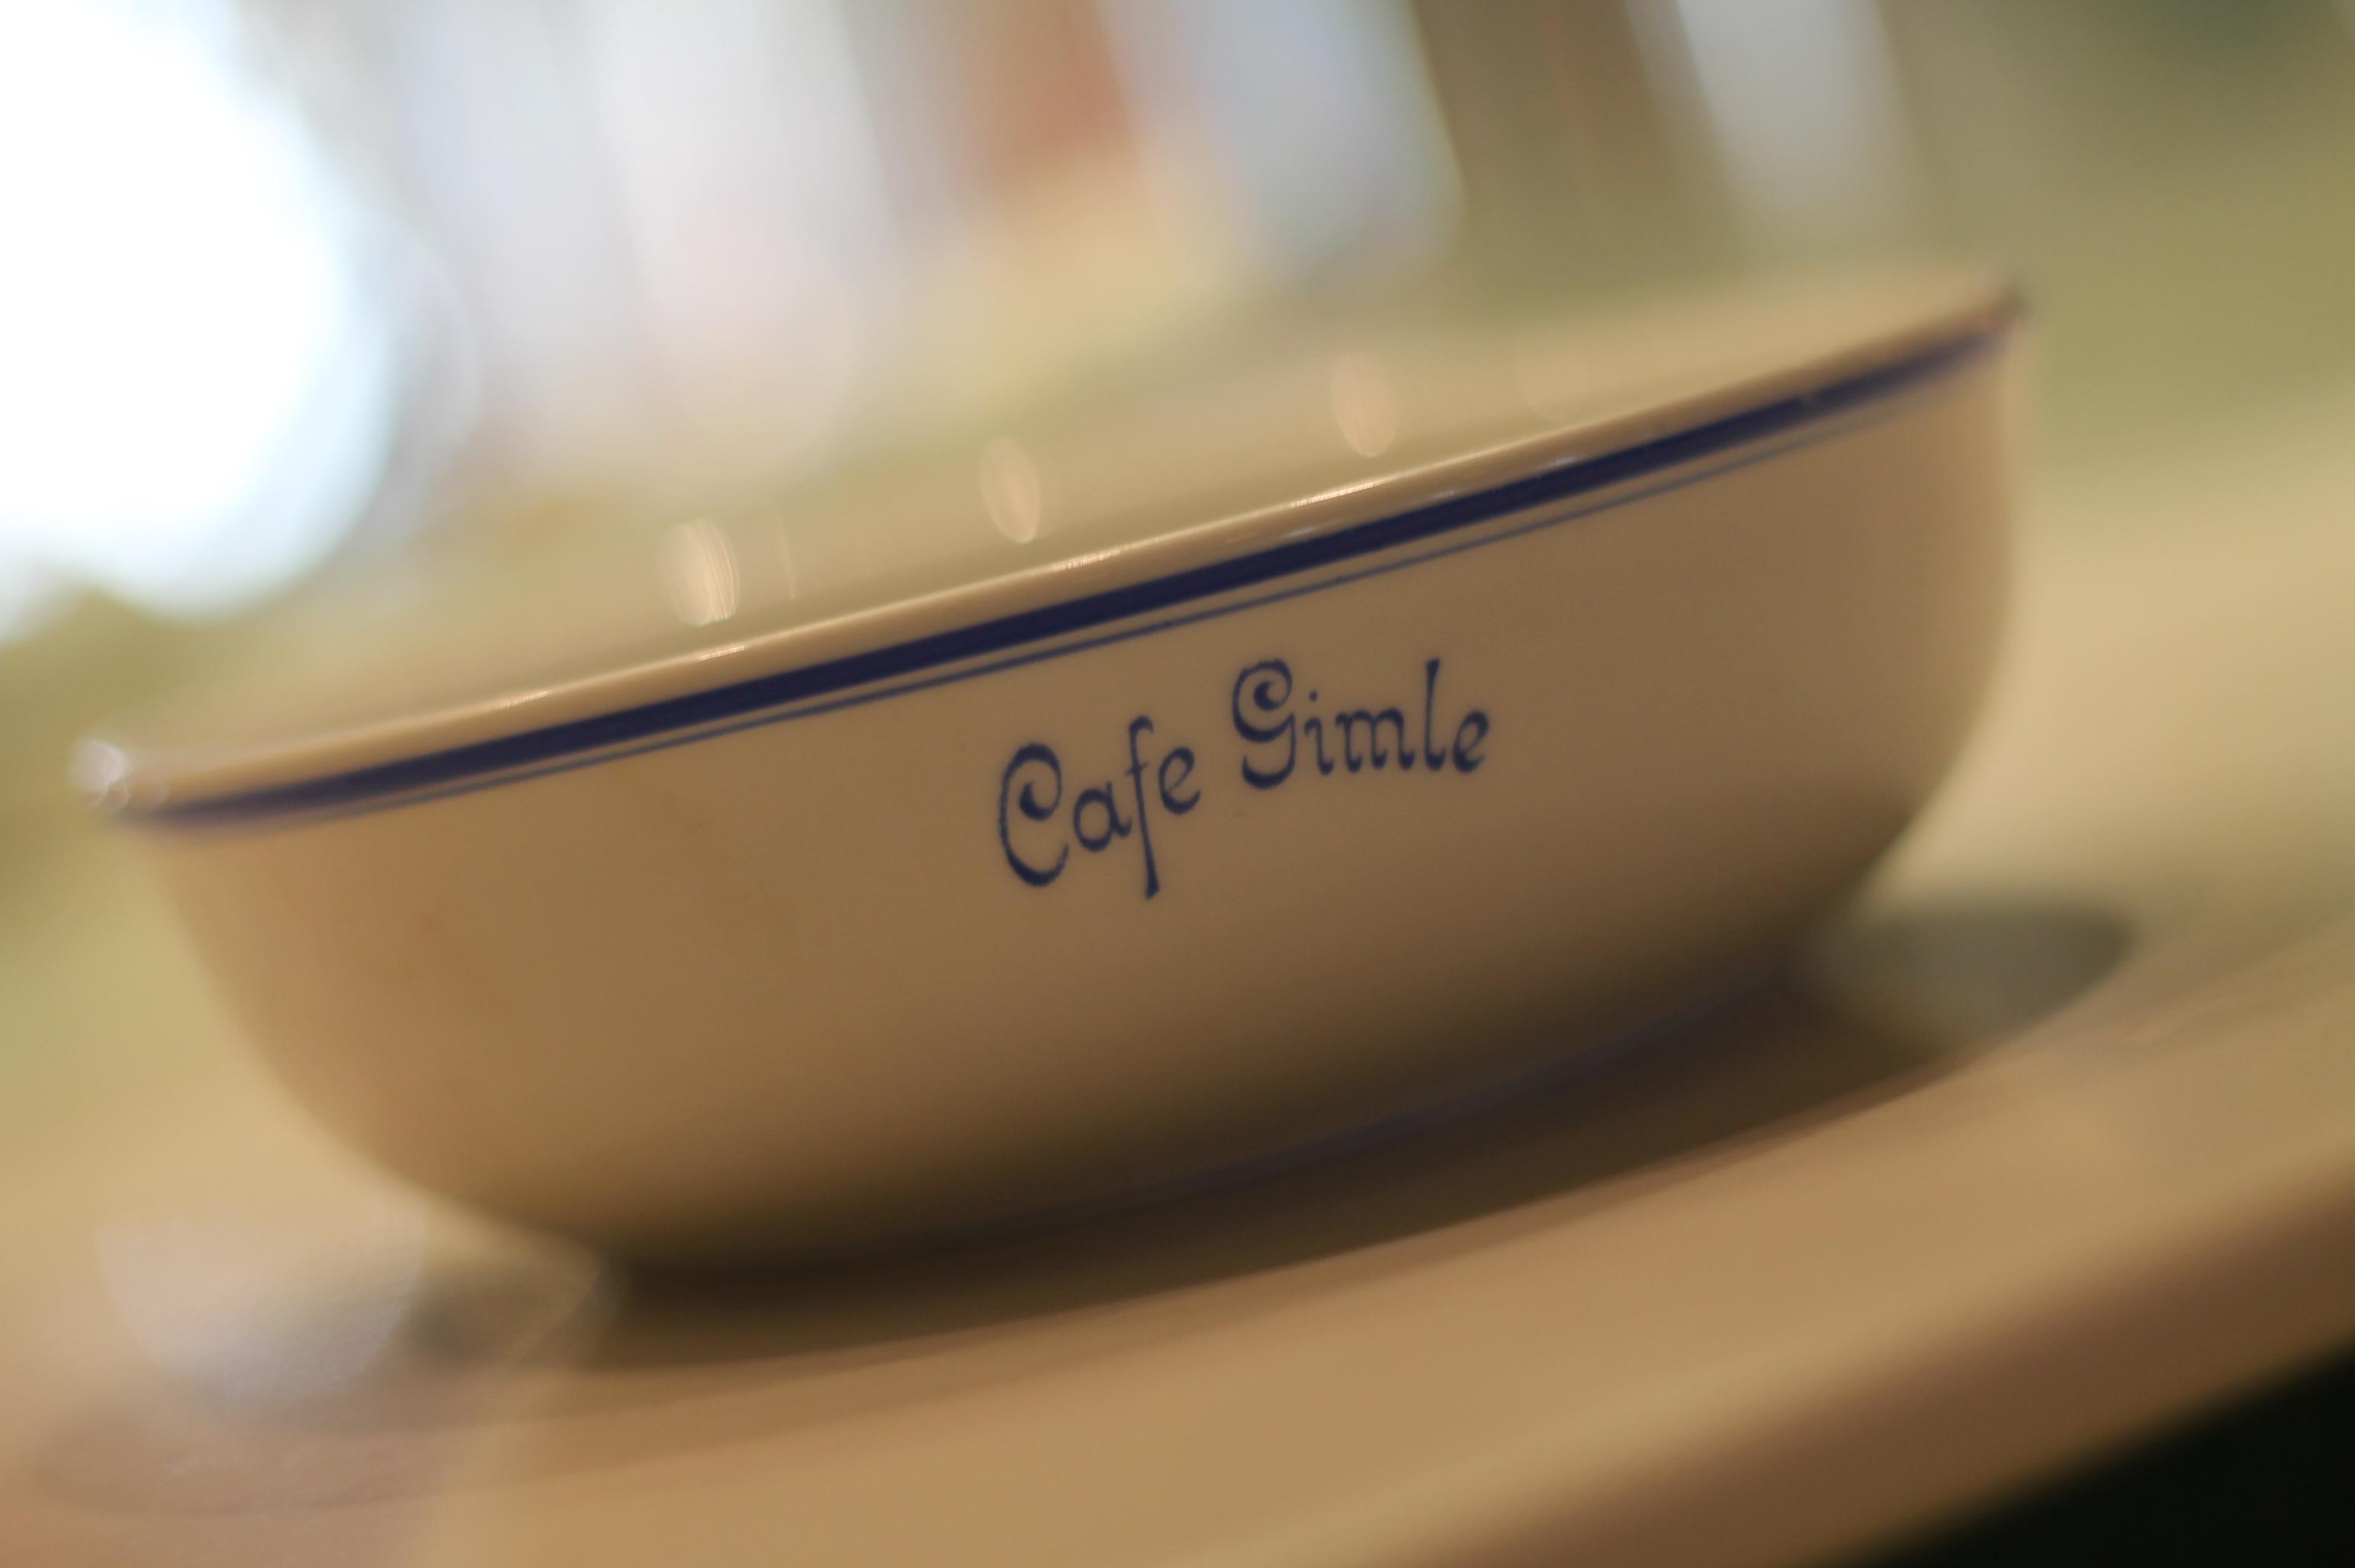 Café Gimle skål - Dette er en av de få skålene som er bevart fra Gamle Café Gimle. Denne skålen er minst 35 år gammel.